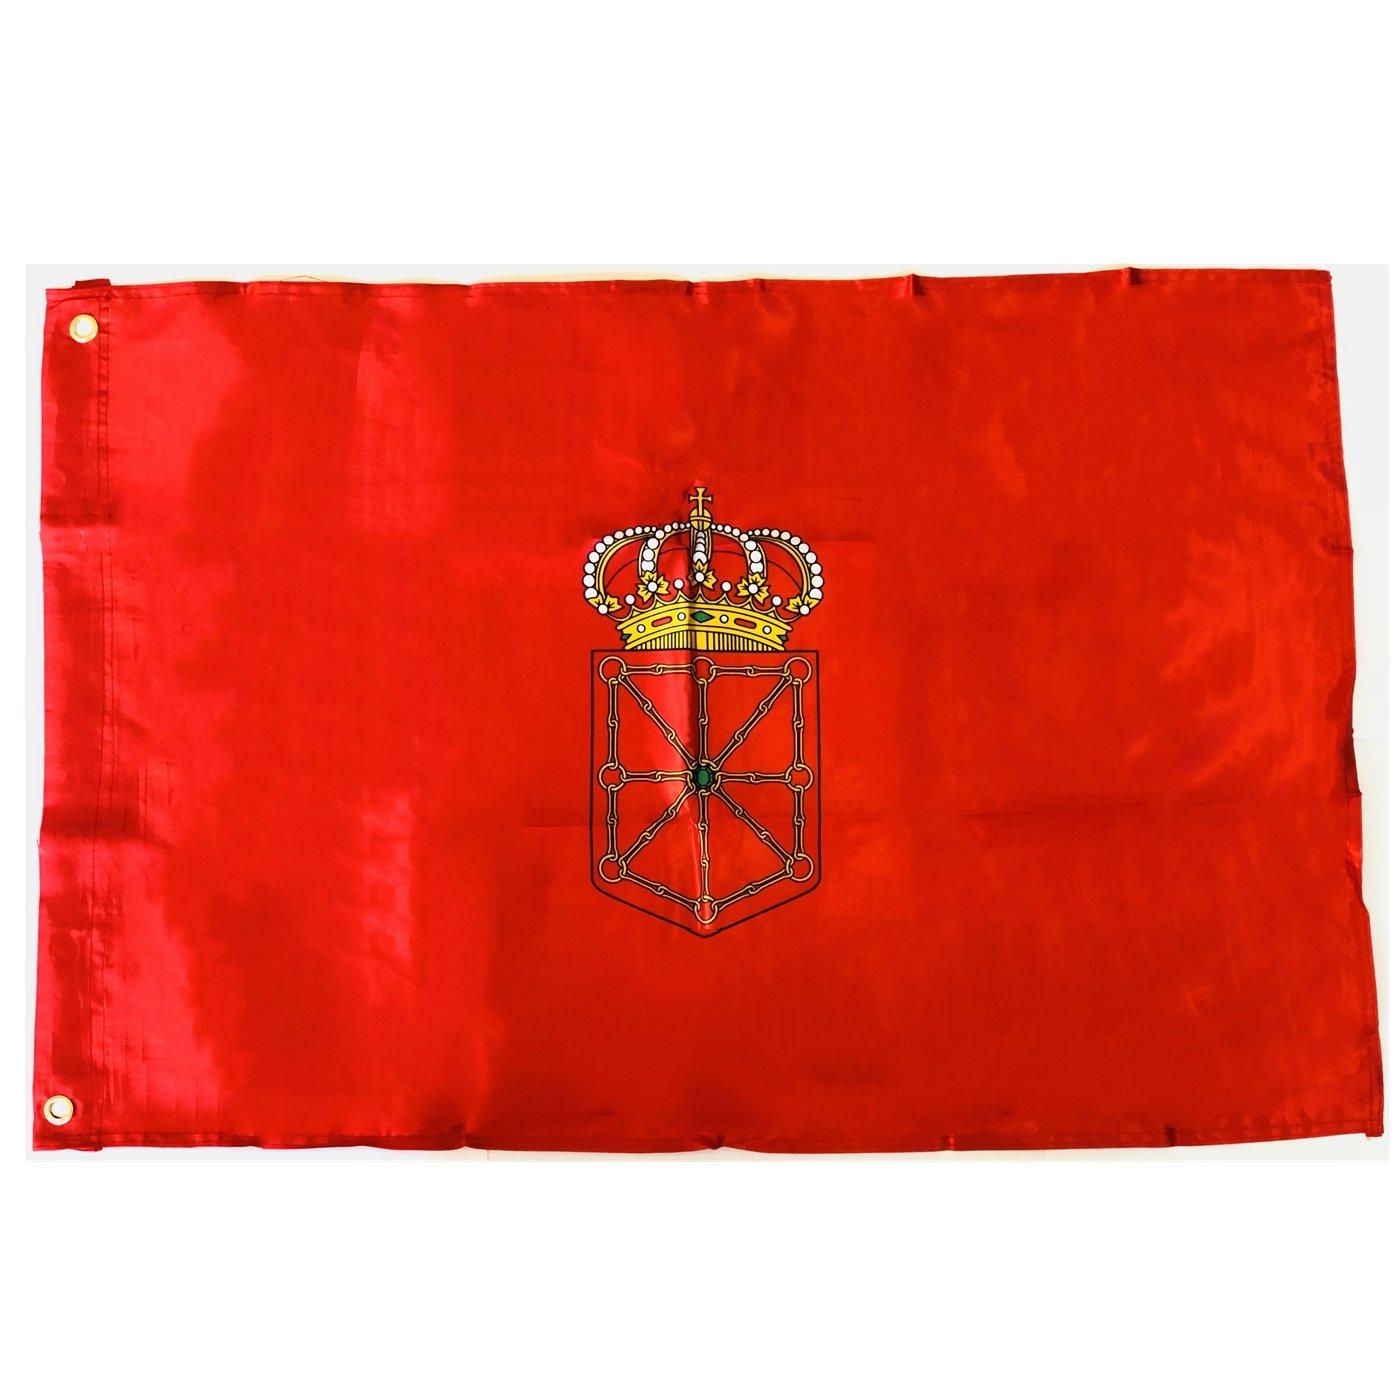 DURABOL Bandera de Navarra Comunidades autónomas de España 60*90 cm SATIN 2 anillas metálicas fijadas en el dobladillo: Amazon.es: Jardín